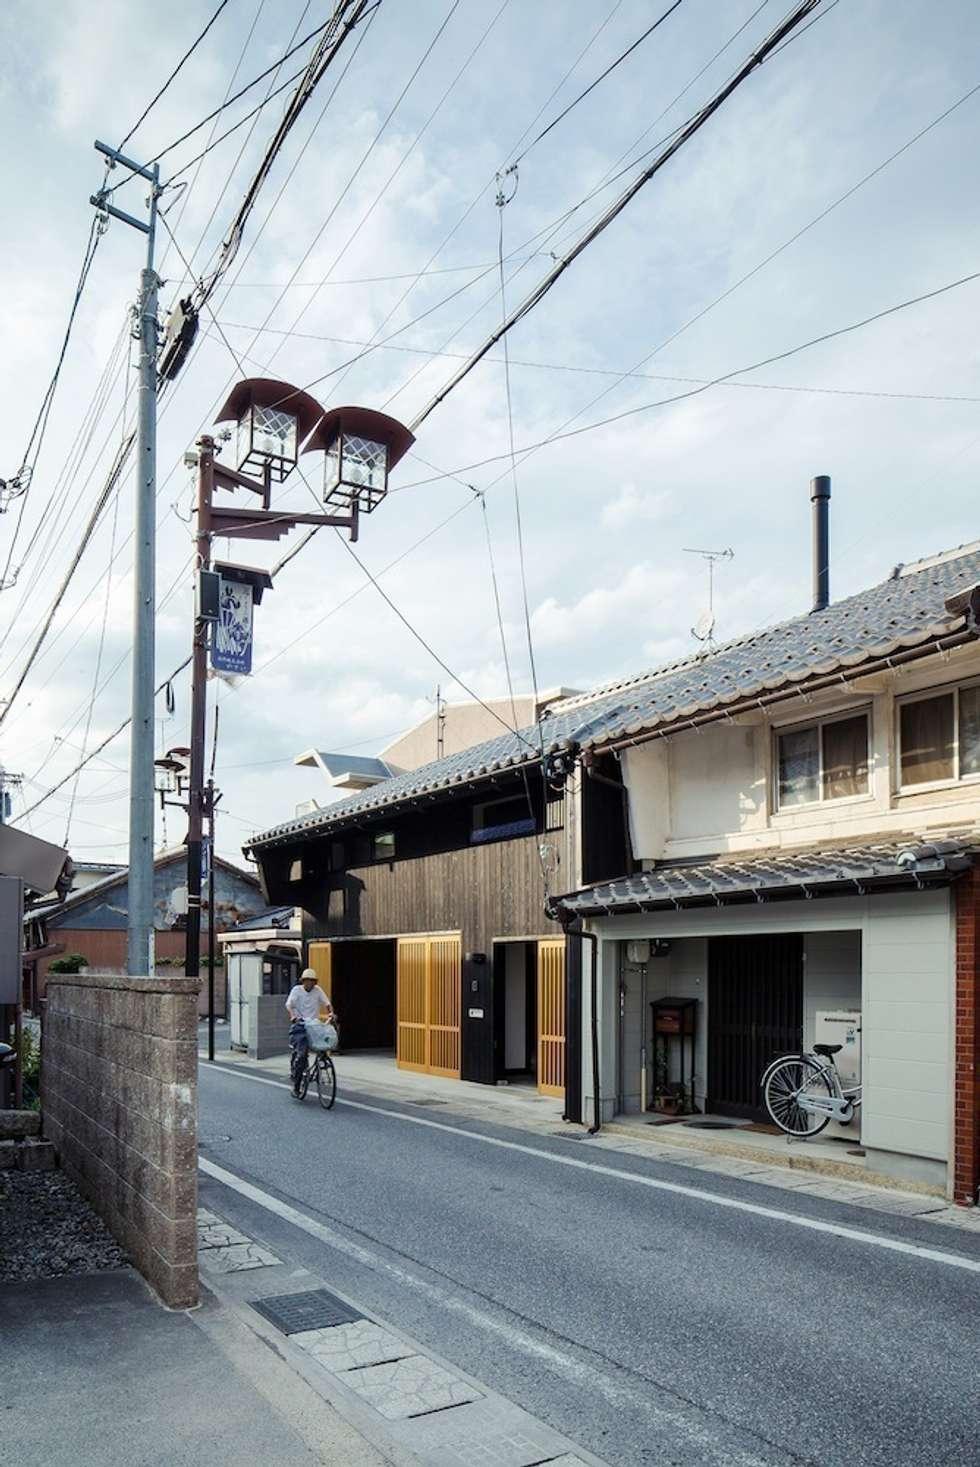 花しょうぶ通りの家・町並み: タクタク/クニヤス建築設計が手掛けた家です。